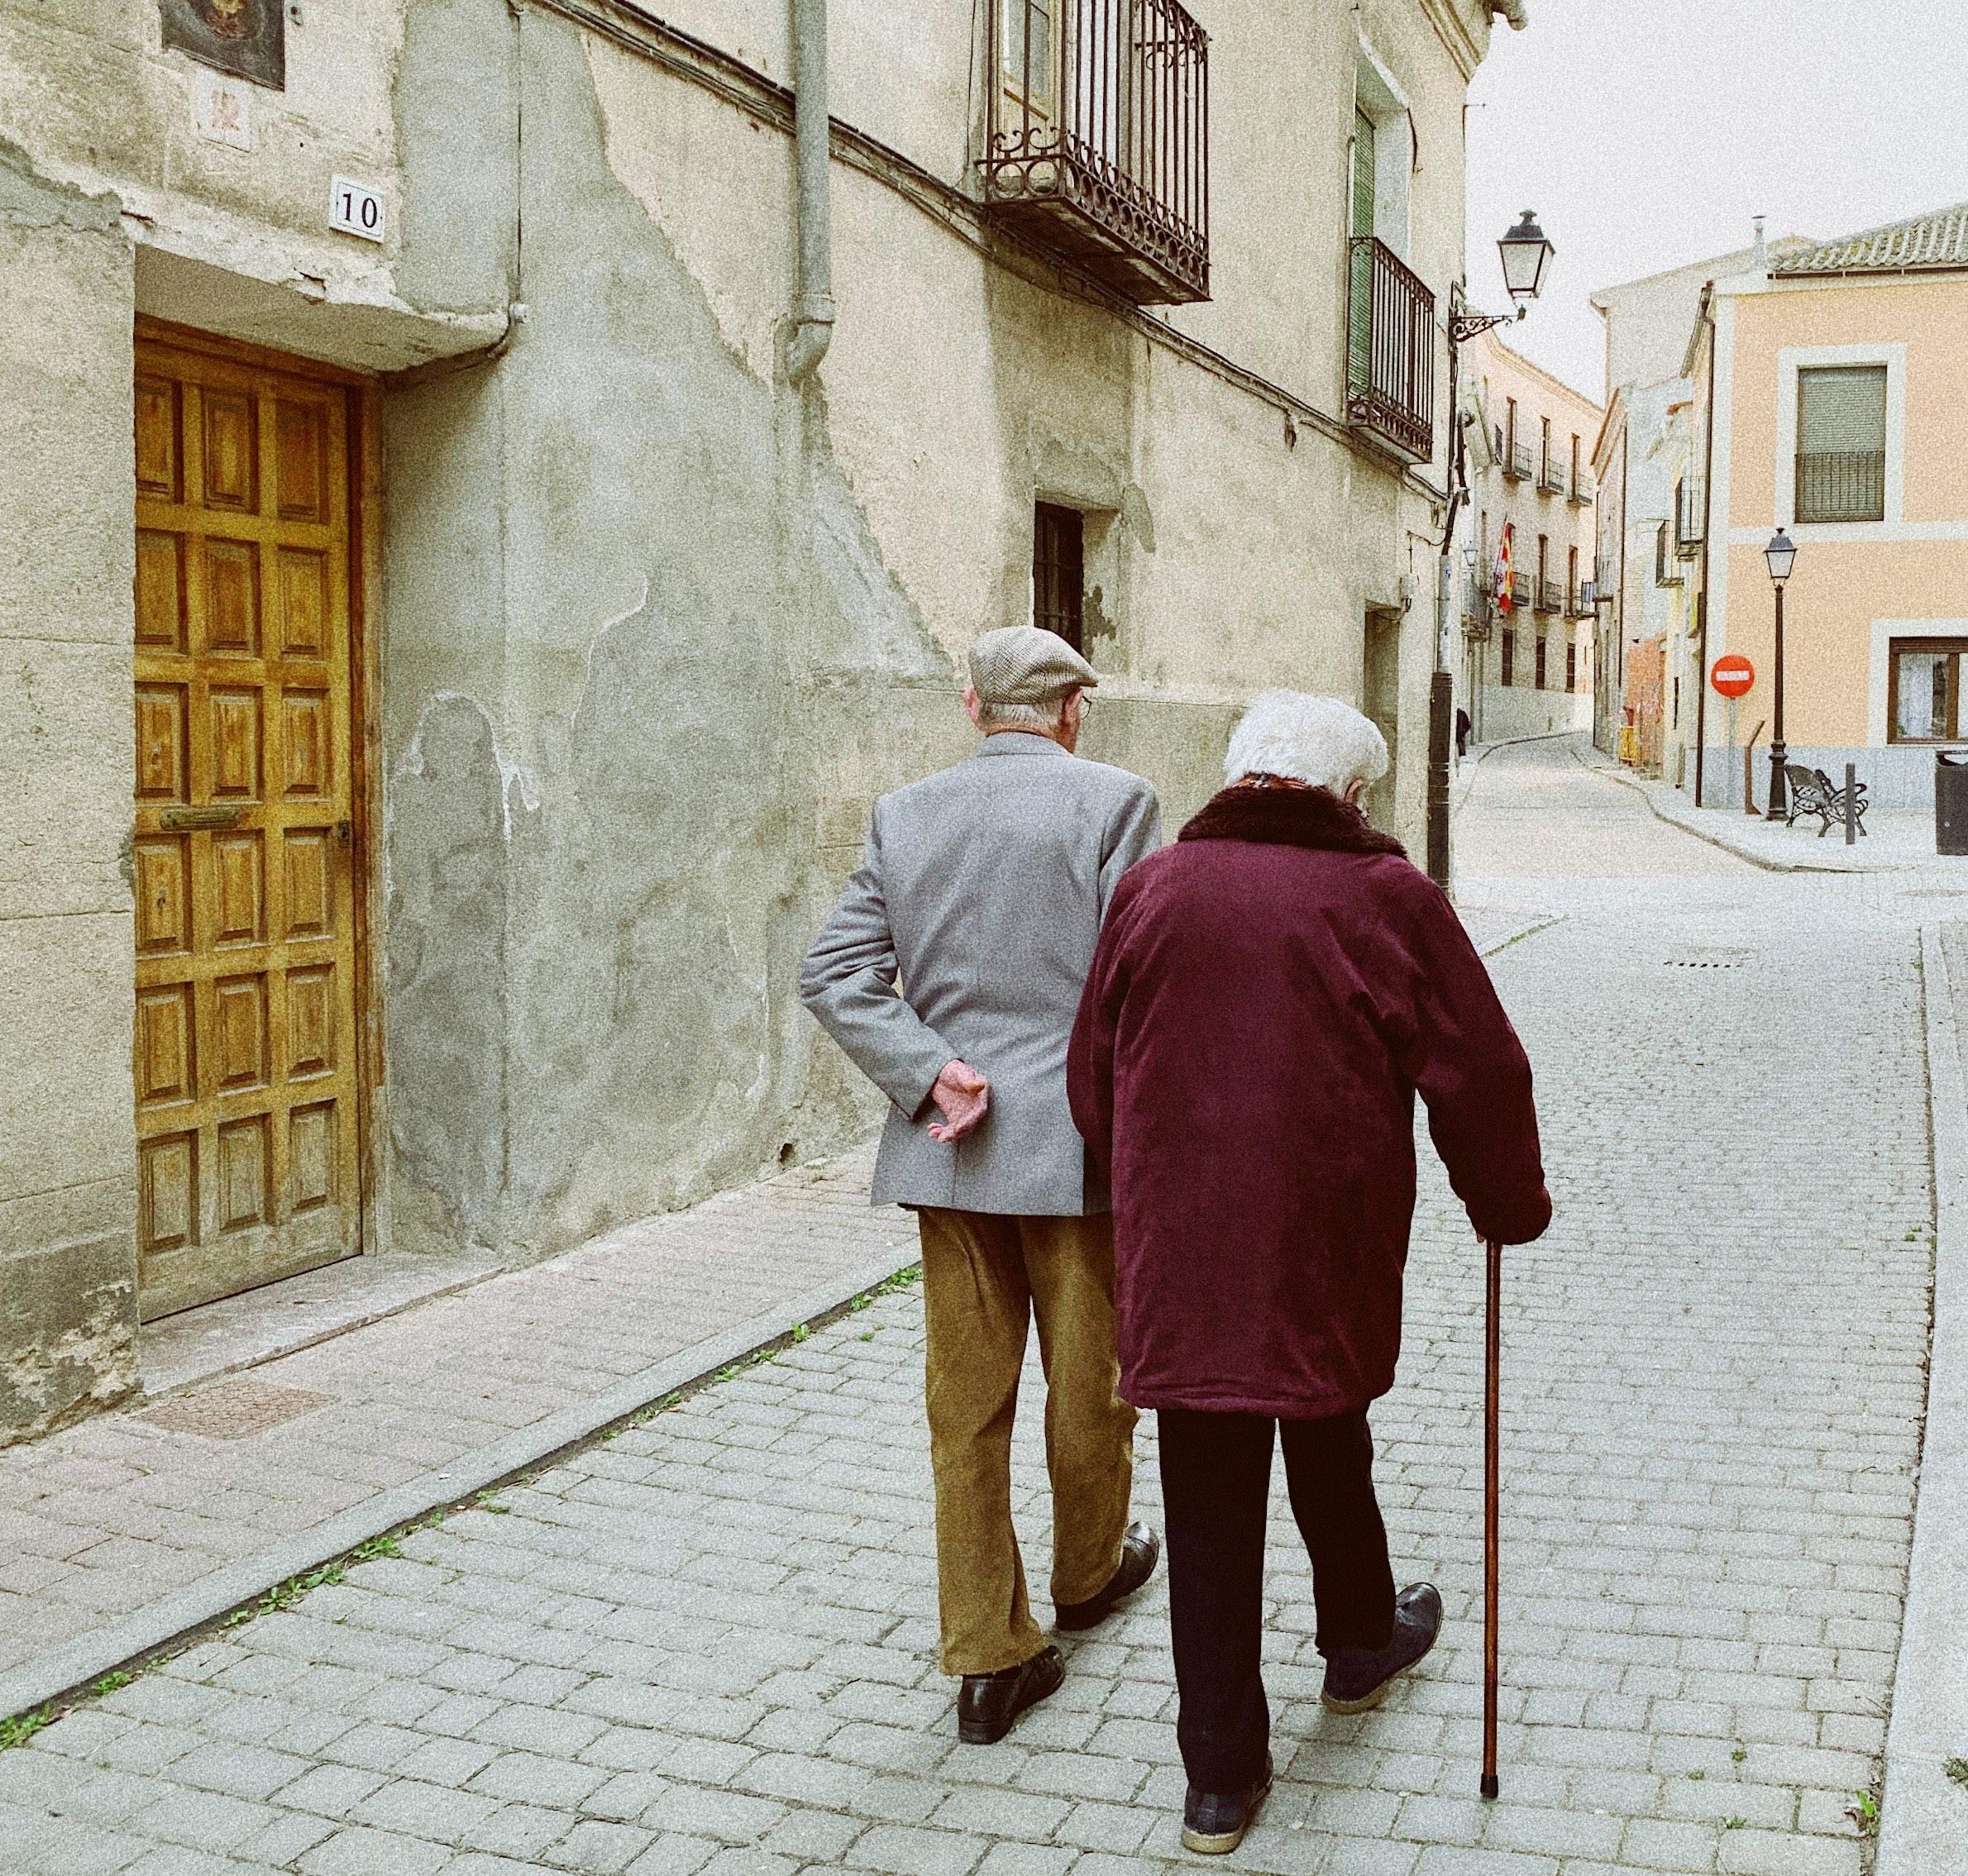 osoby powyżej 70. roku życia mają pozostać w domach, obostrzenia